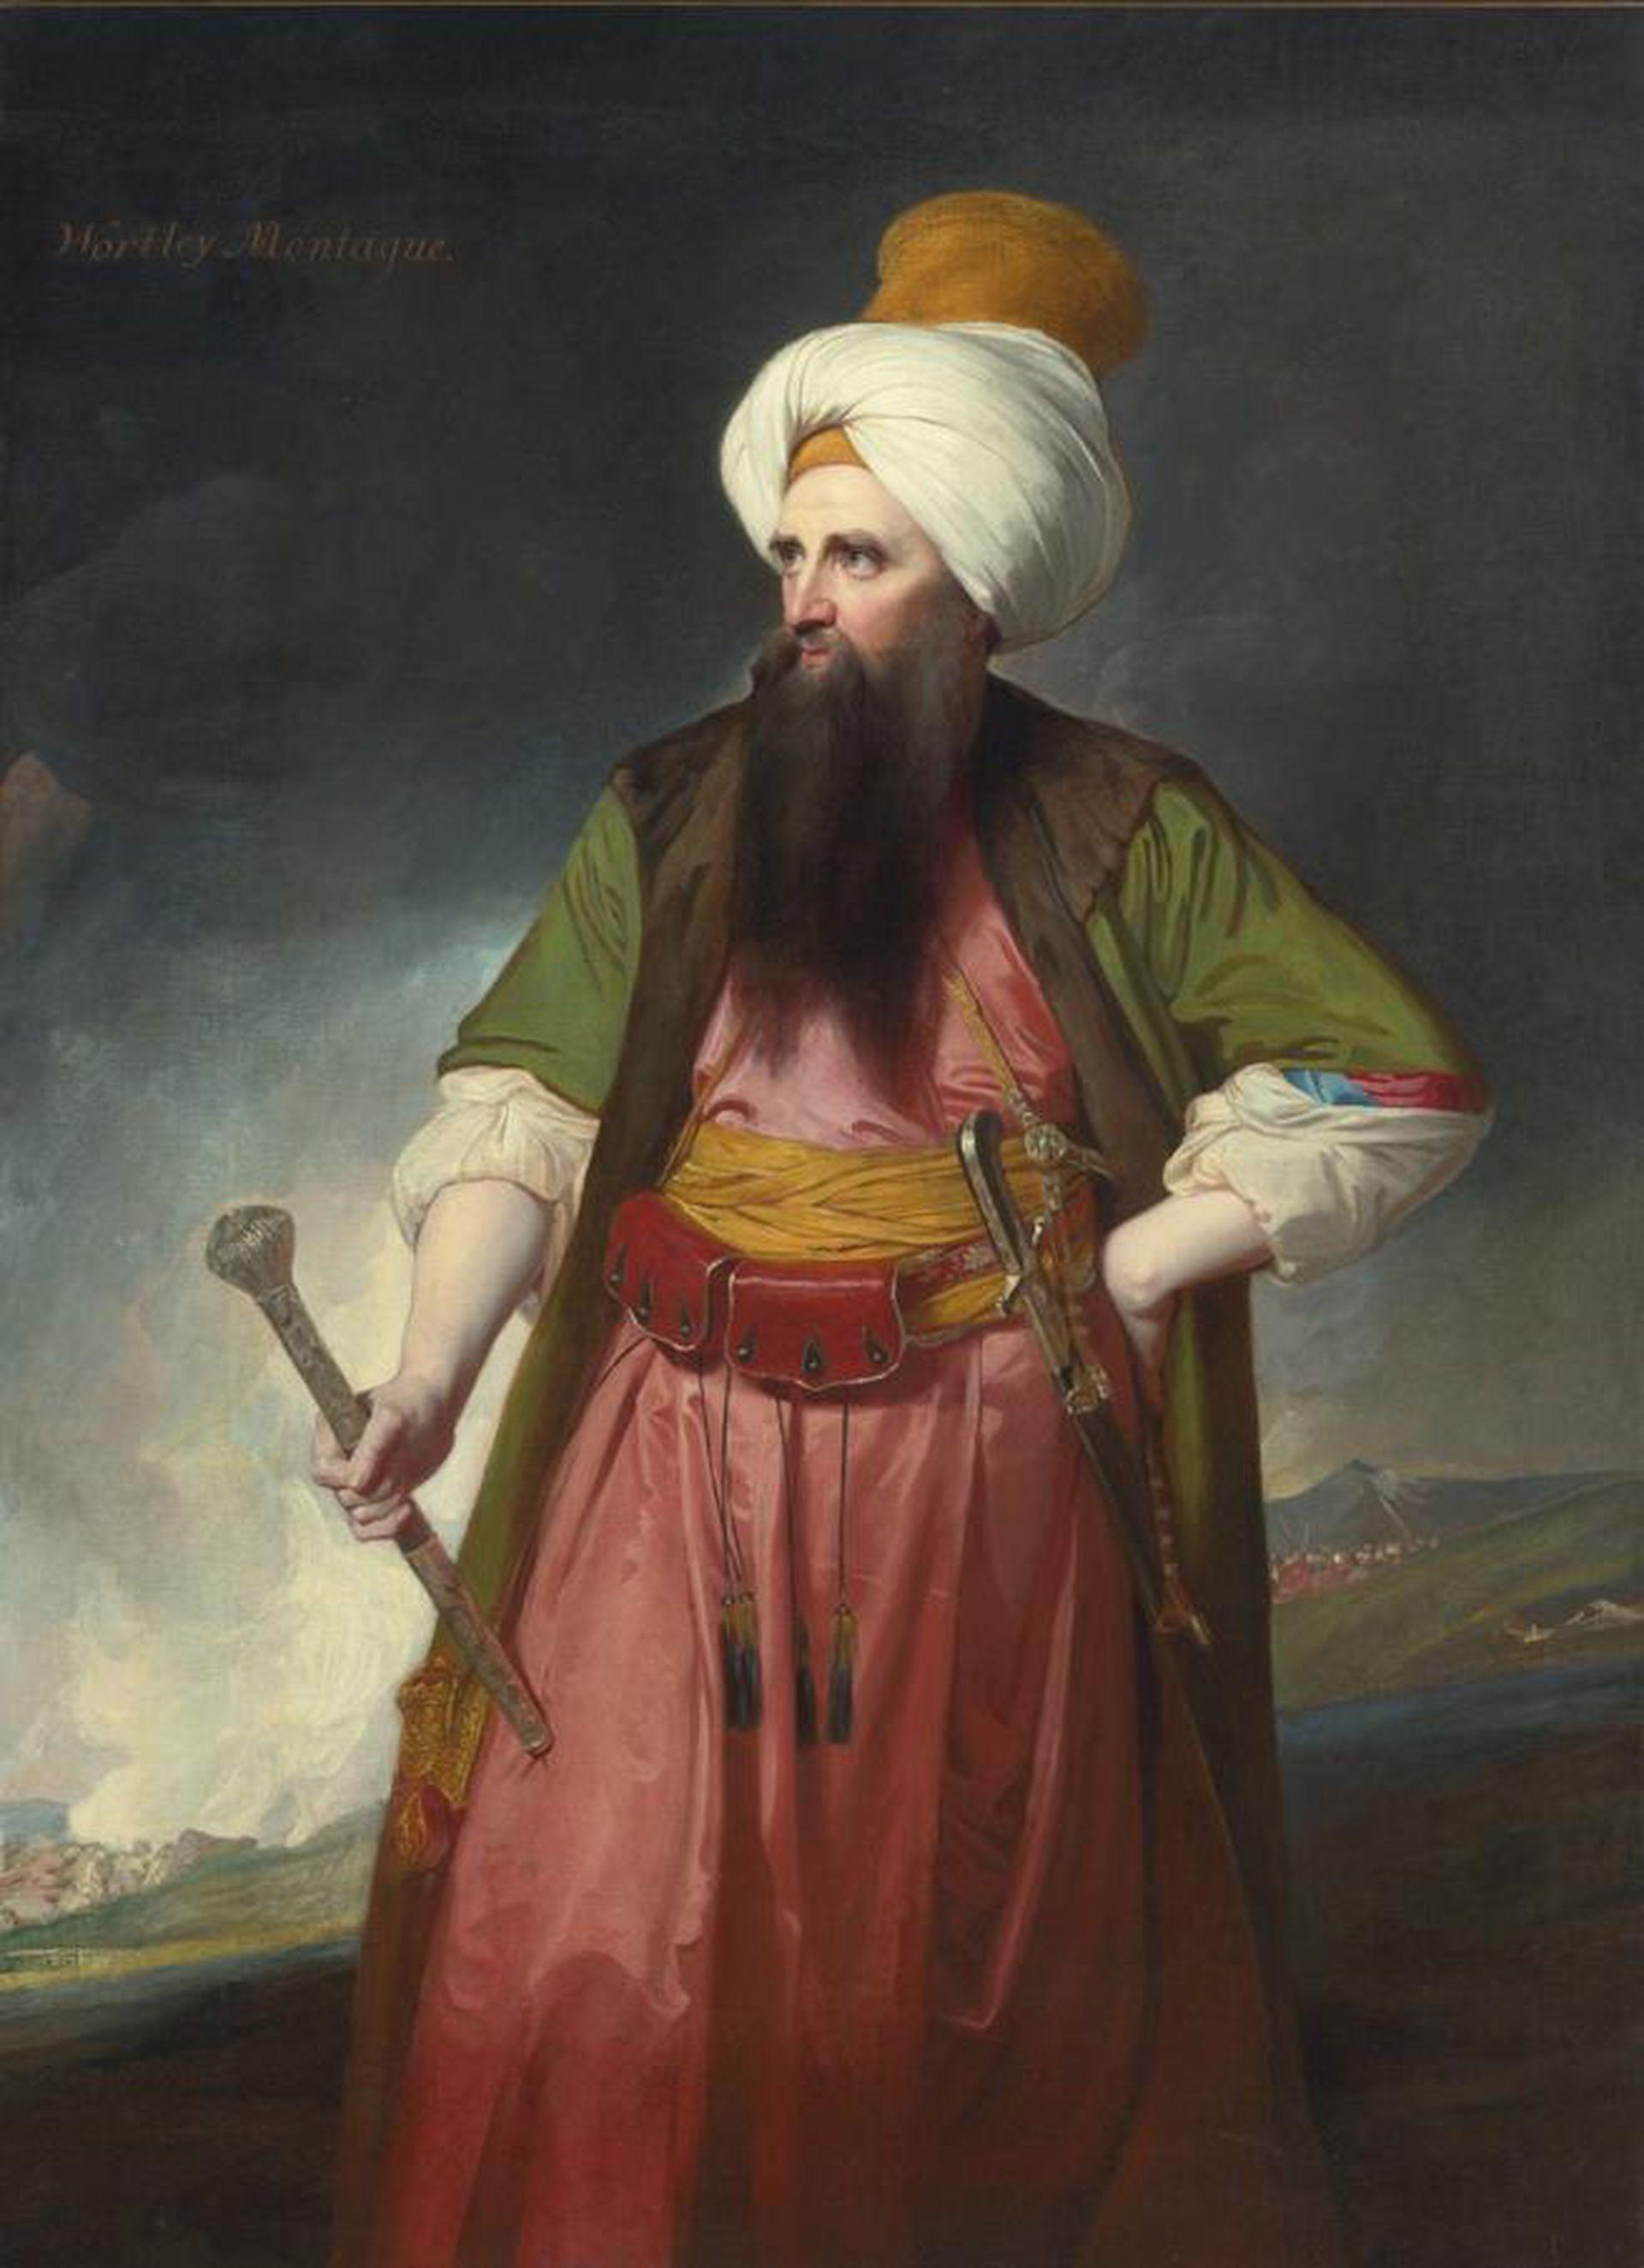 Edward Wortley Montagu (1713-1776), esposo de Lady Mary, fue embajador inglés en la corte otomana.